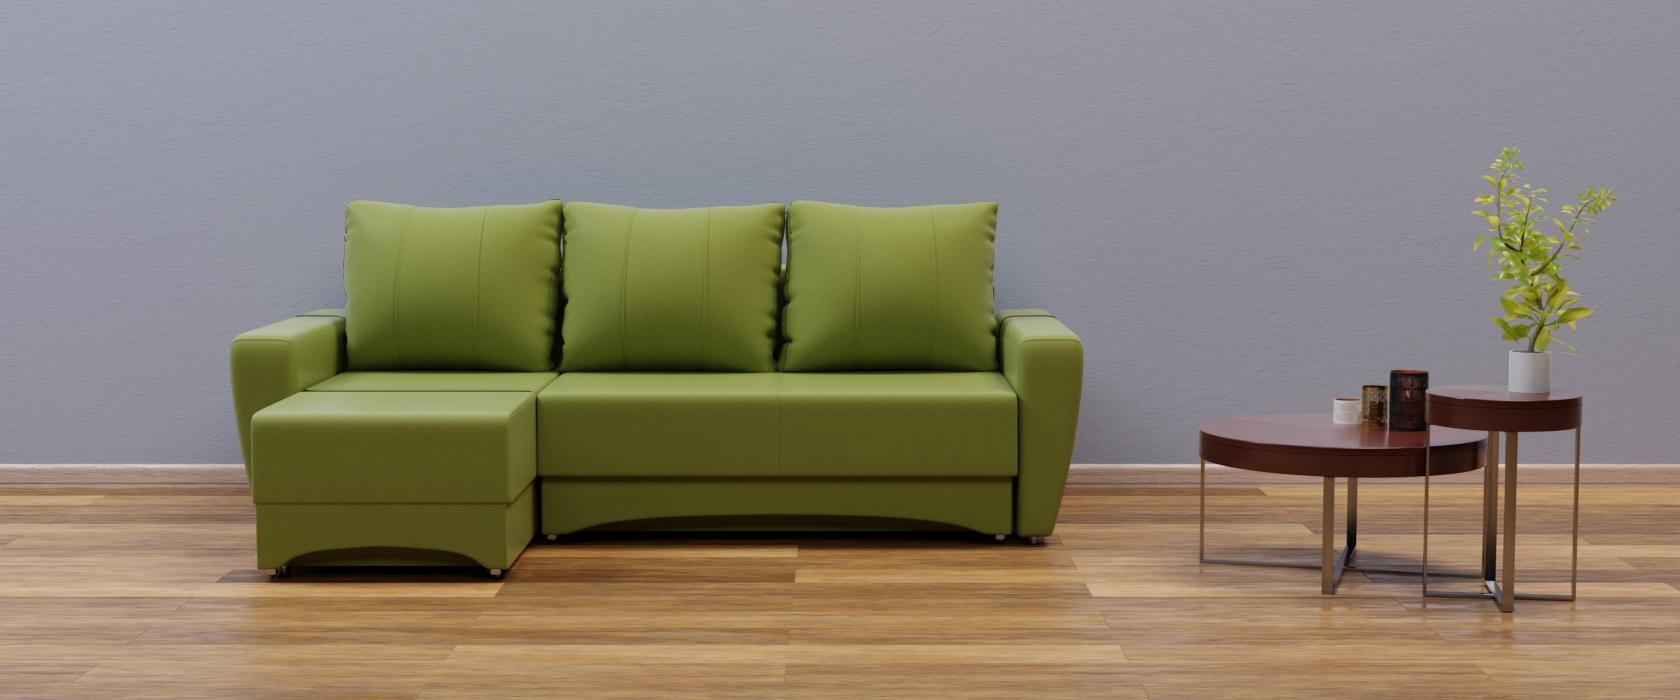 Угловой диван Andrea - Фото 2 - Pufetto